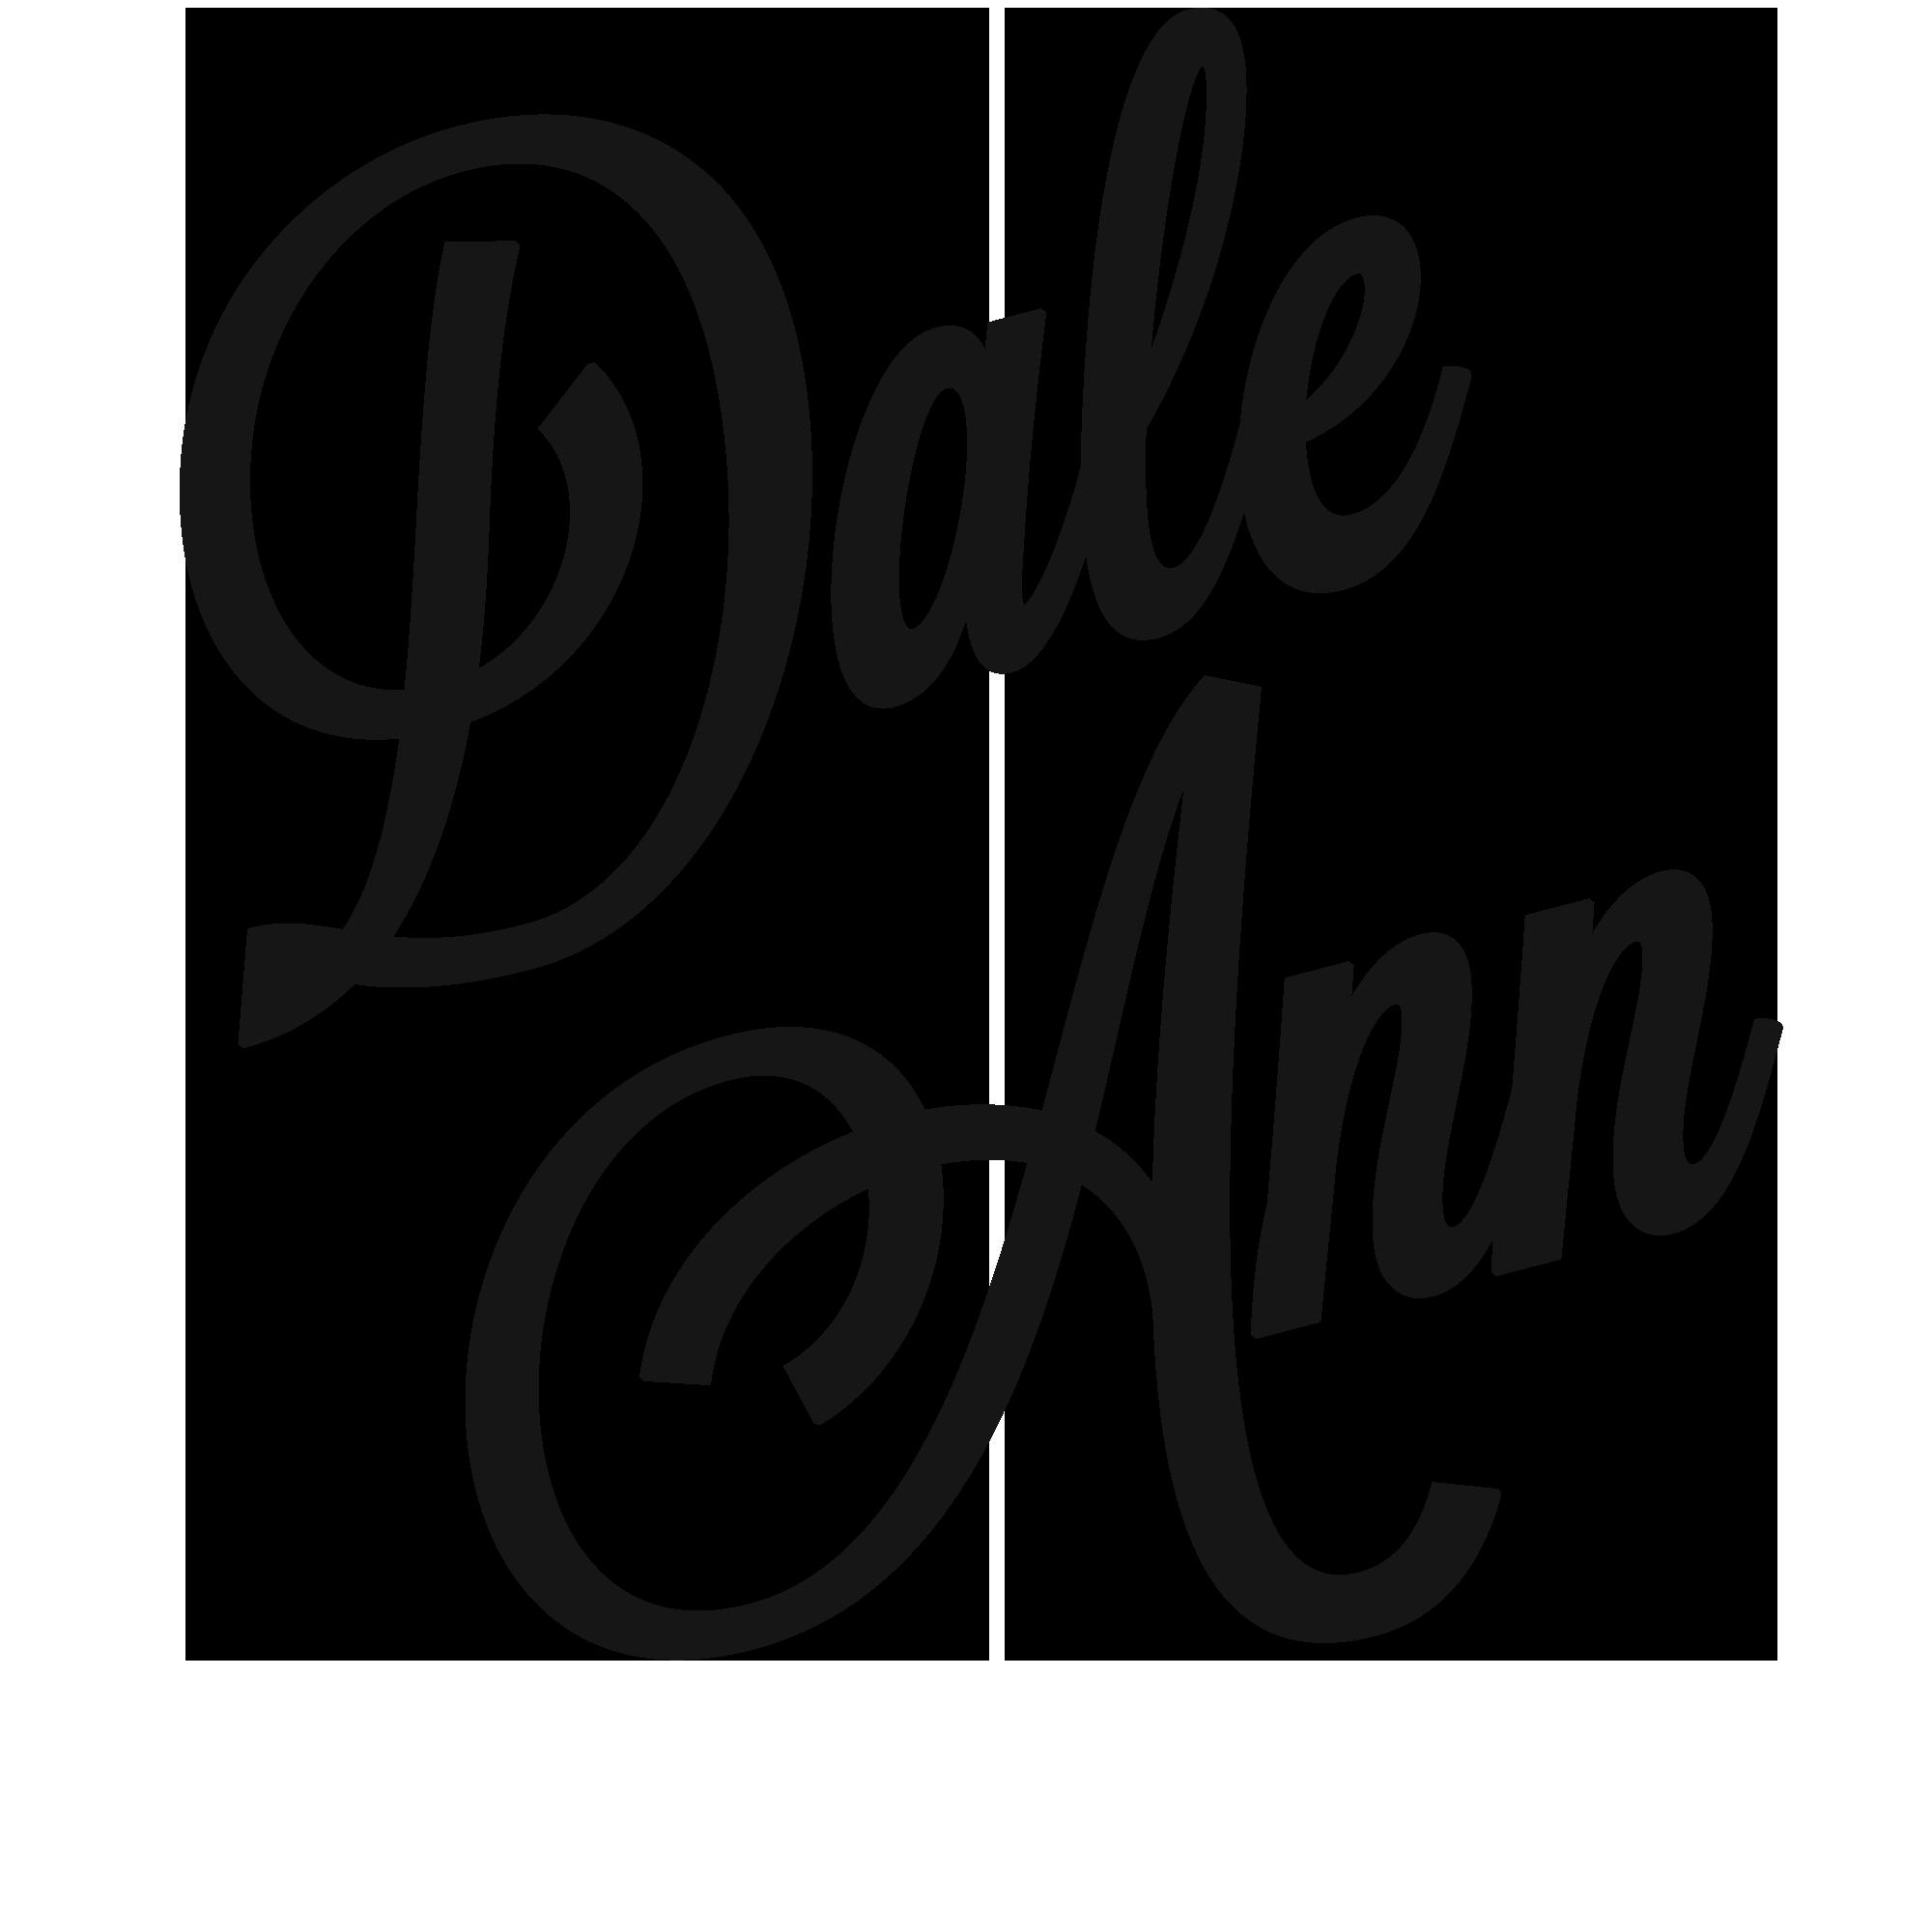 dale ann logo - white